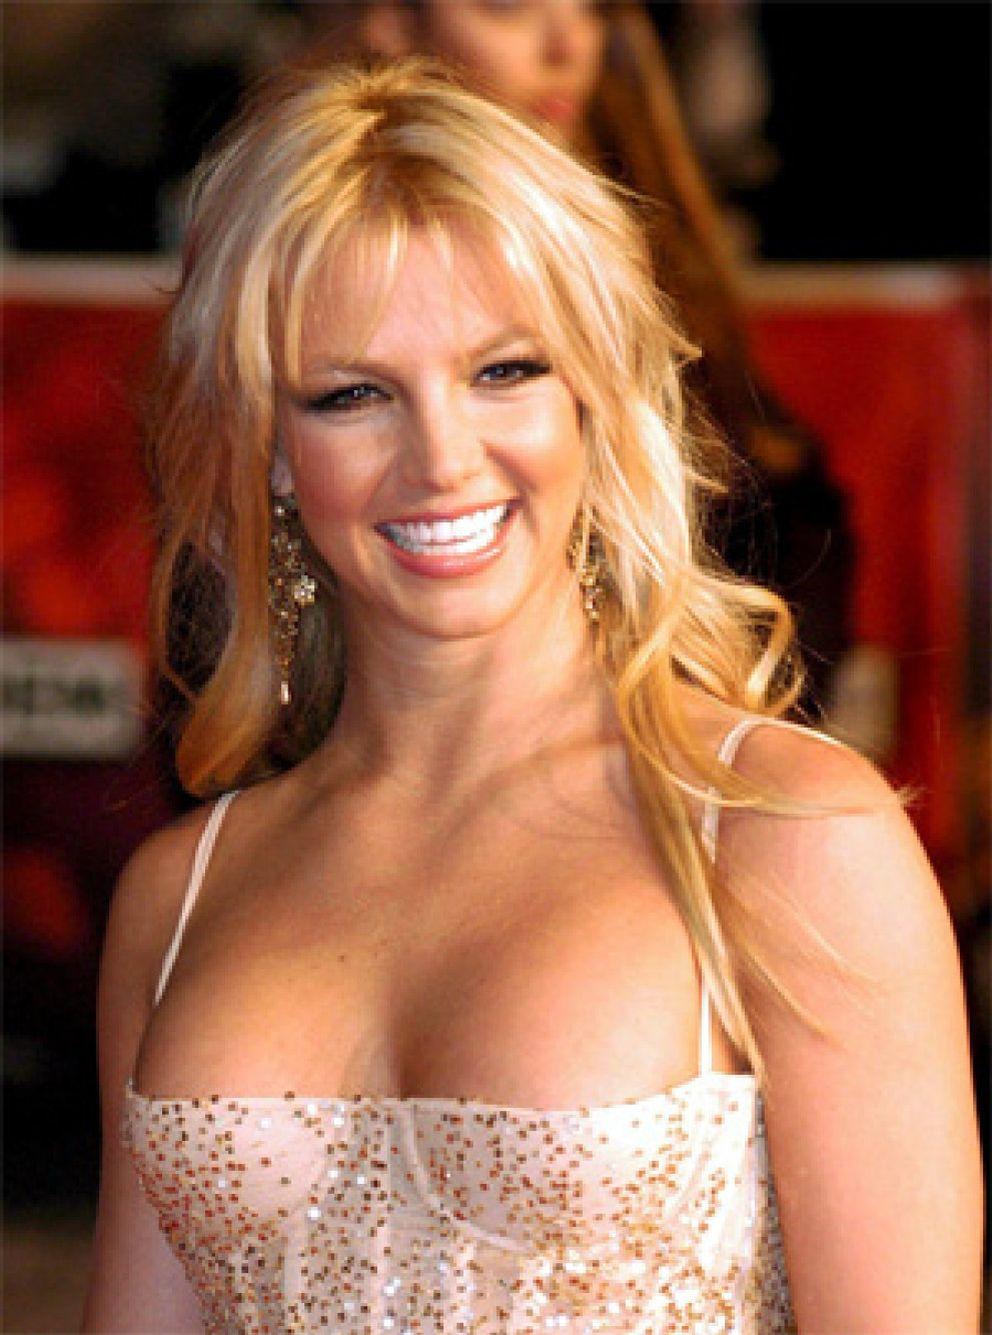 Foto: Britney Spears, obligada a ingresar en el hospital tras una disputa sobre la custodia de sus hijos